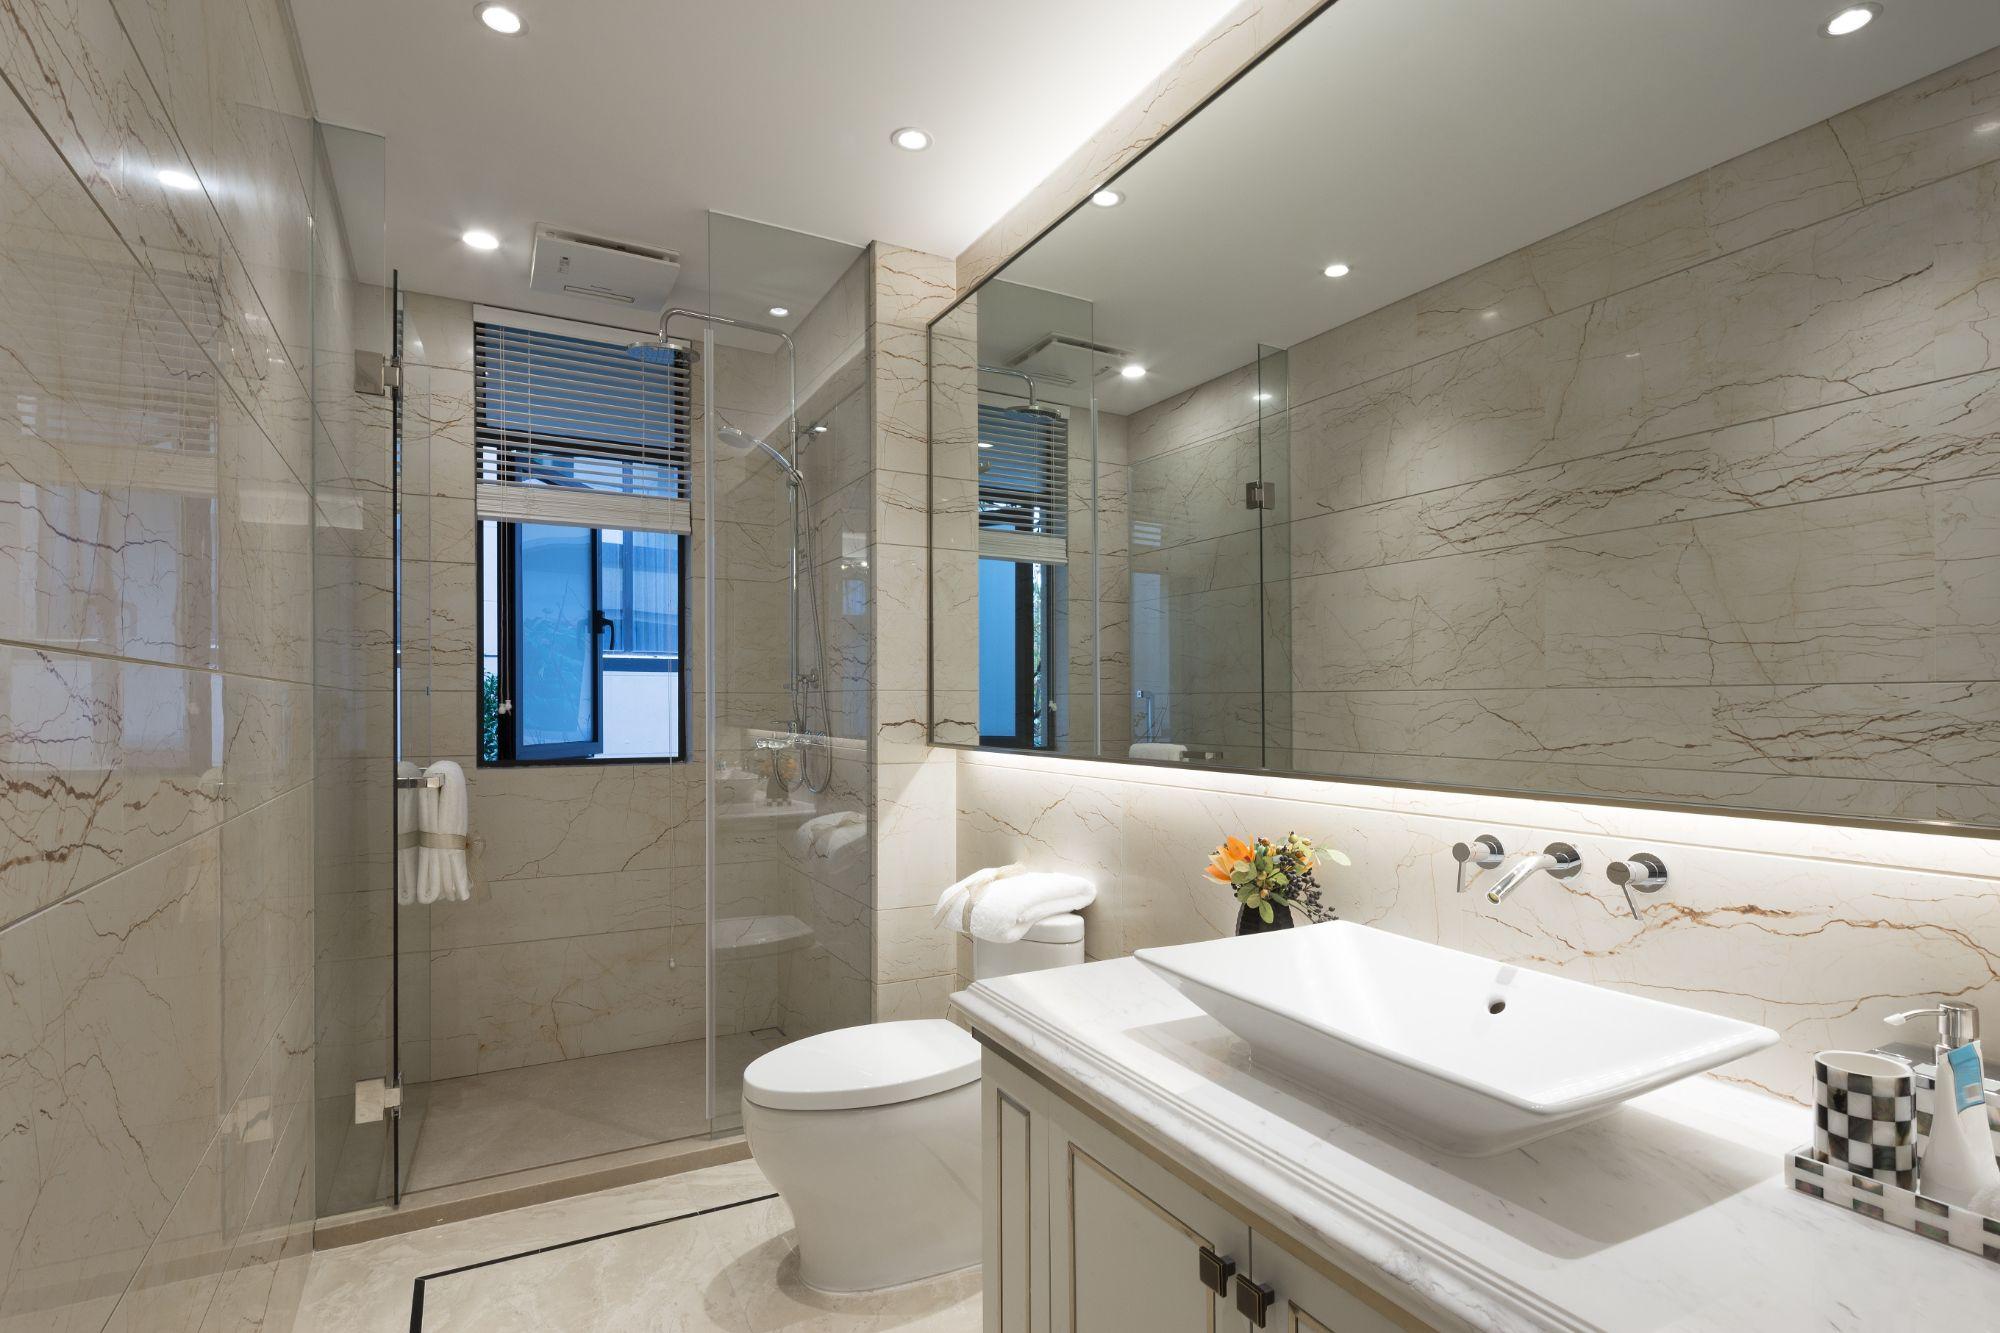 Bathroom Renovations Contractor Mandurah and Perth